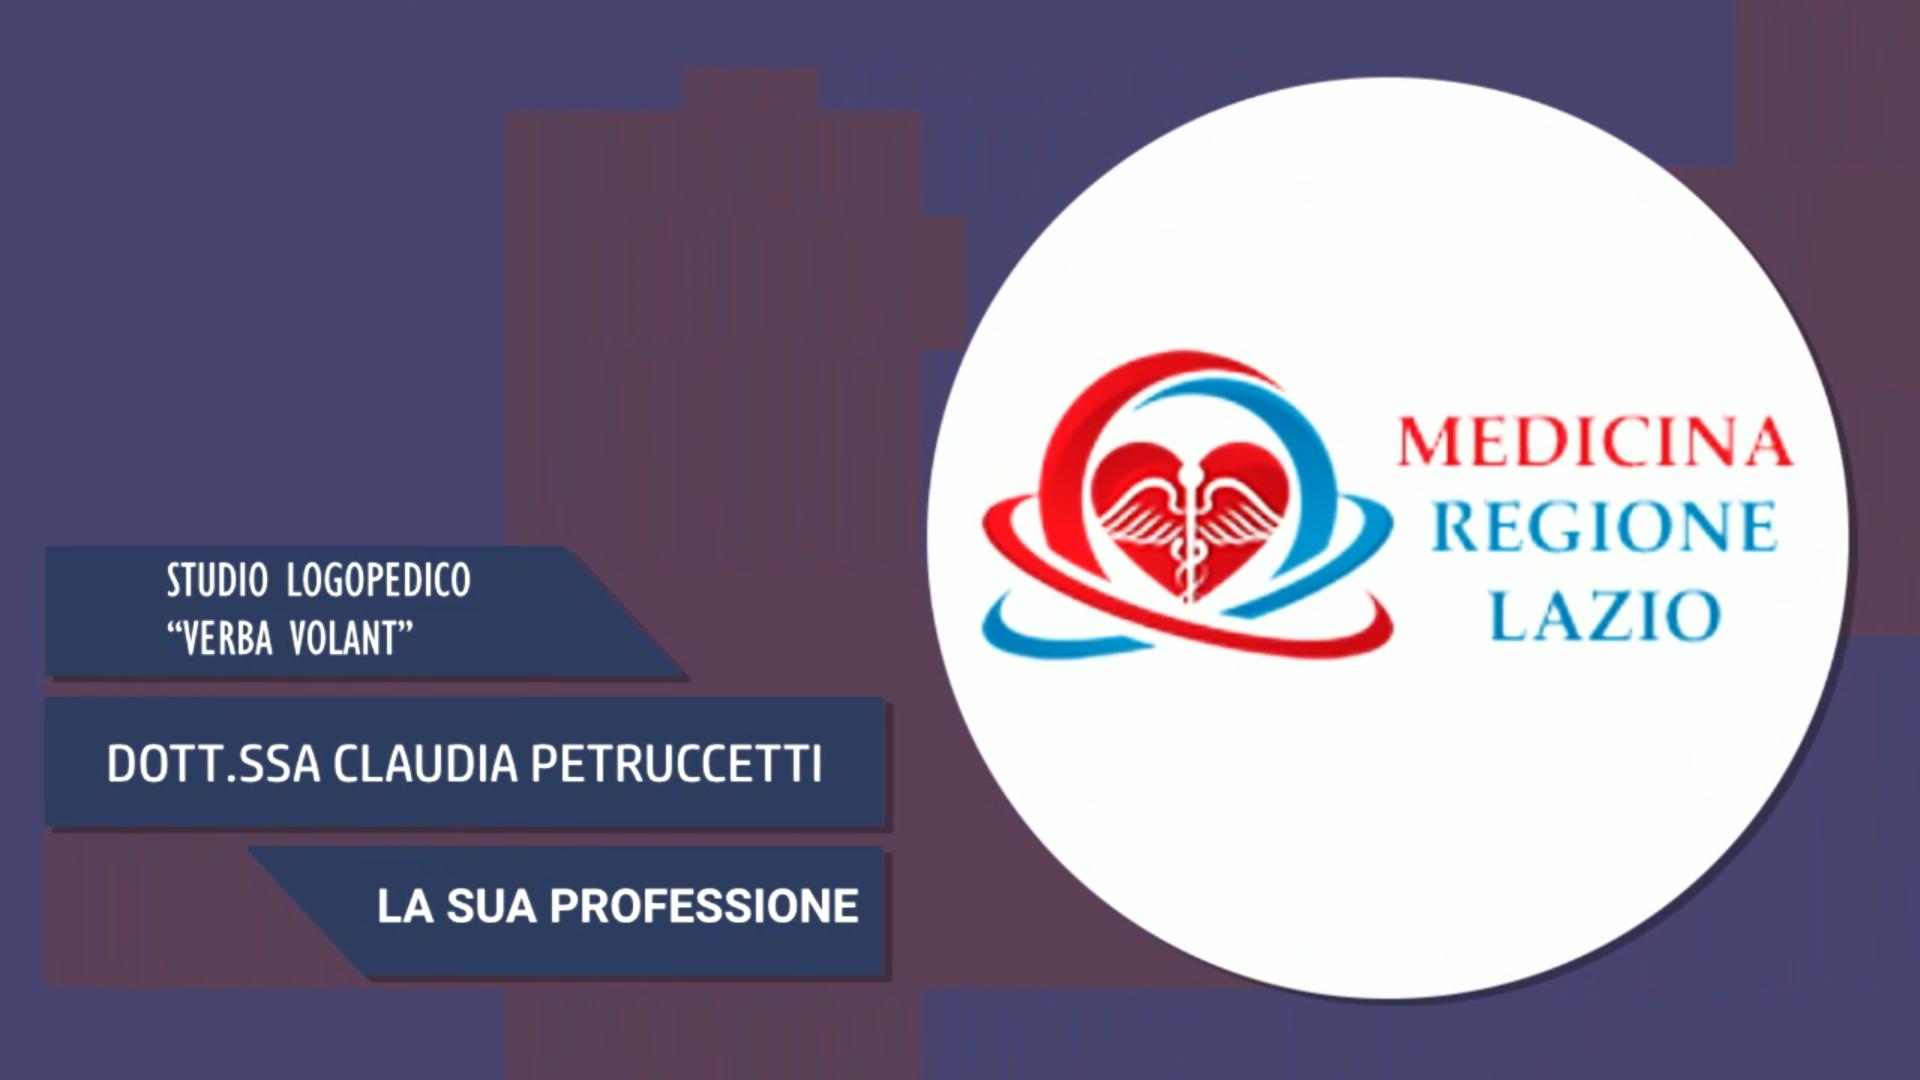 Intervista alla Dott.ssa Claudia Petruccetti – La sua professione